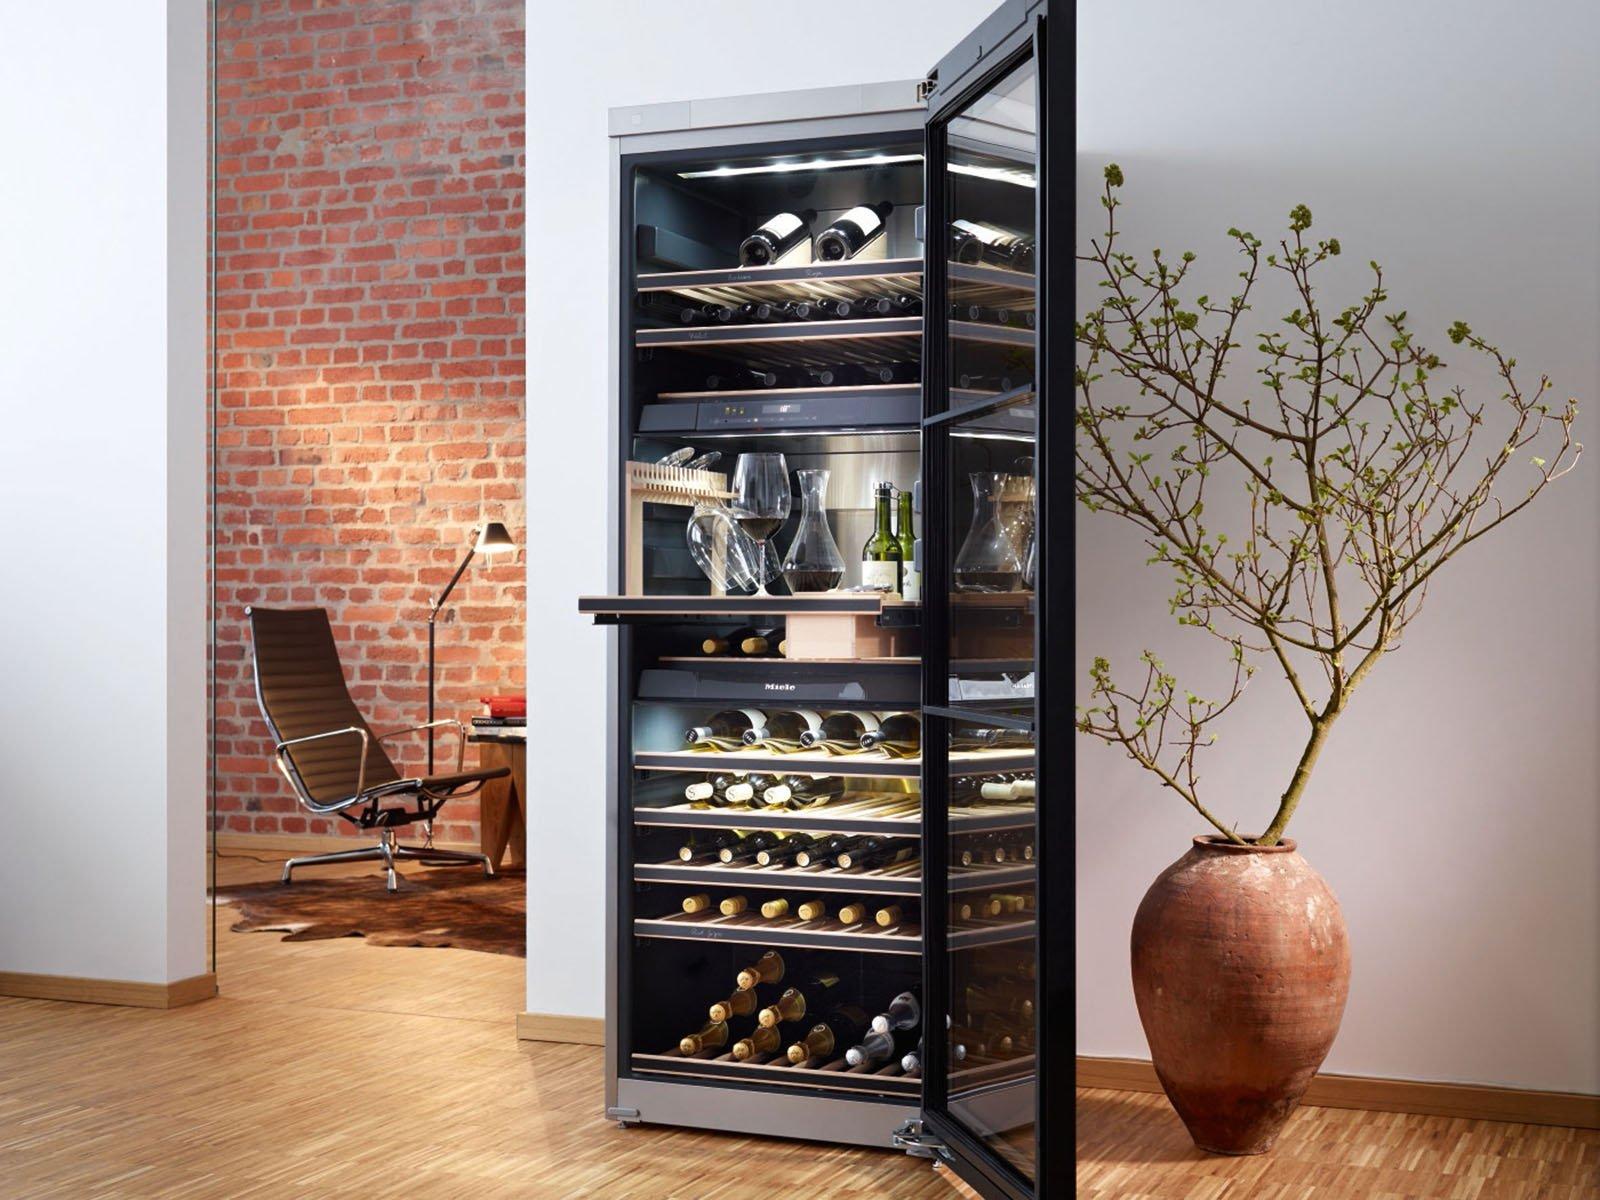 Le cantinette, per conservare bene il vino - Cose di Casa